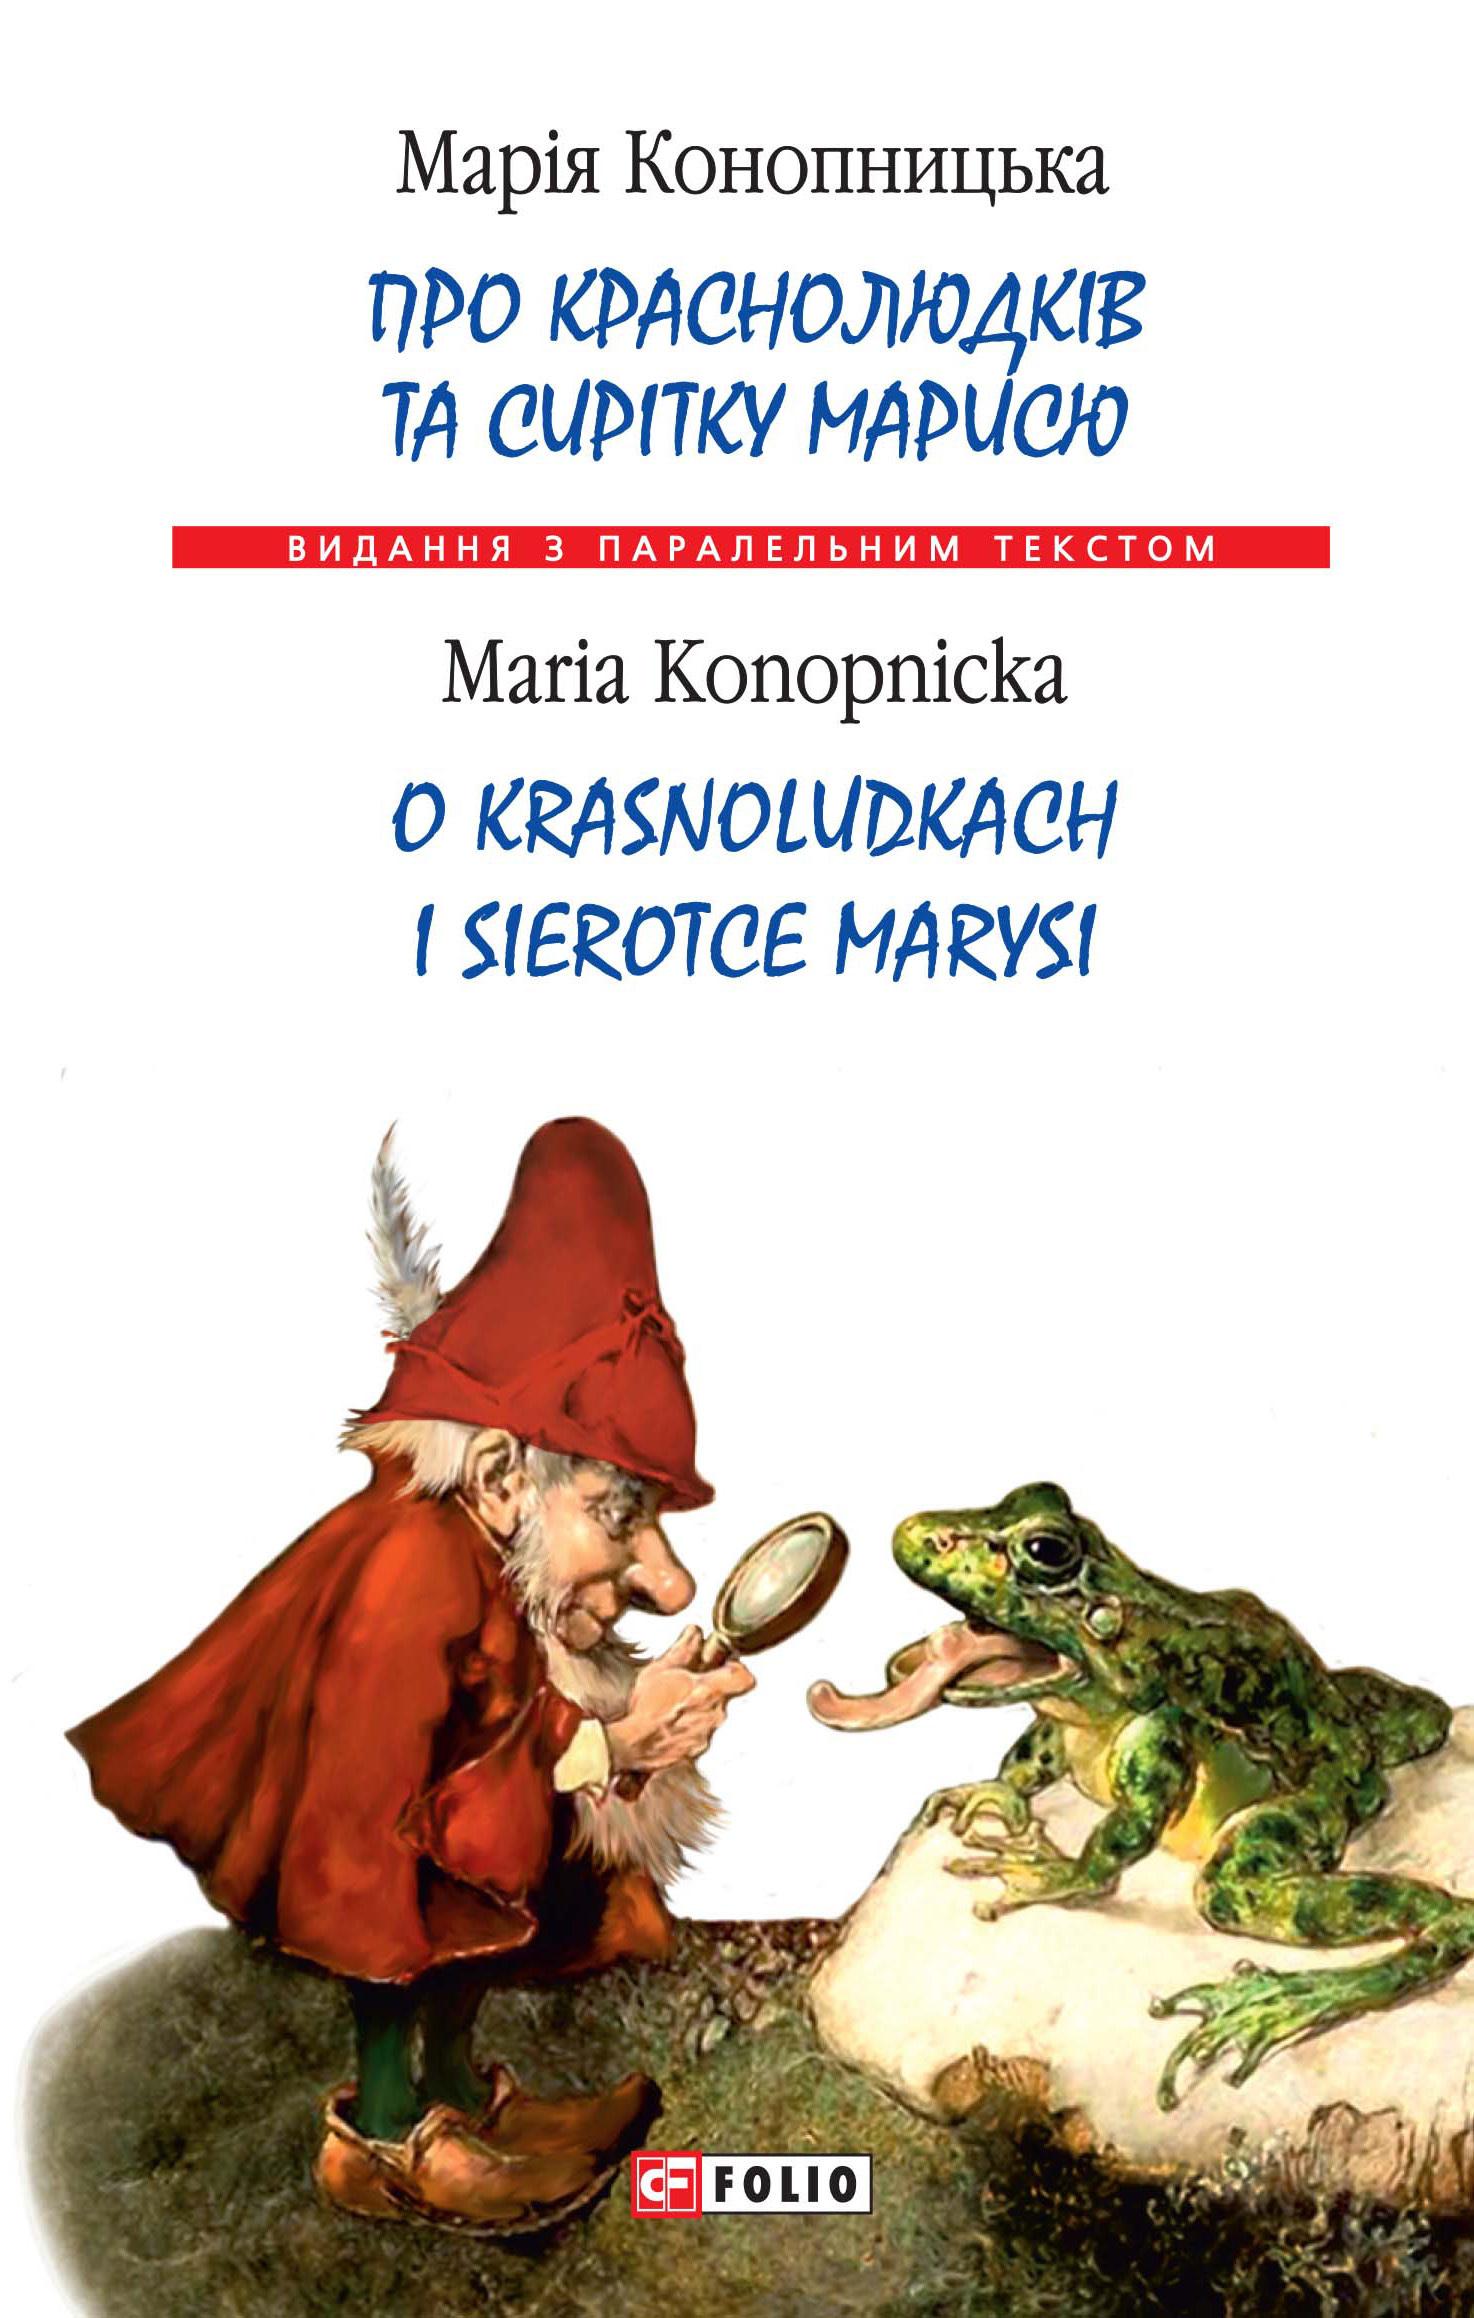 Про краснолюдків та сирітку Марисю = O krasnoludkach i sierotce Marysi